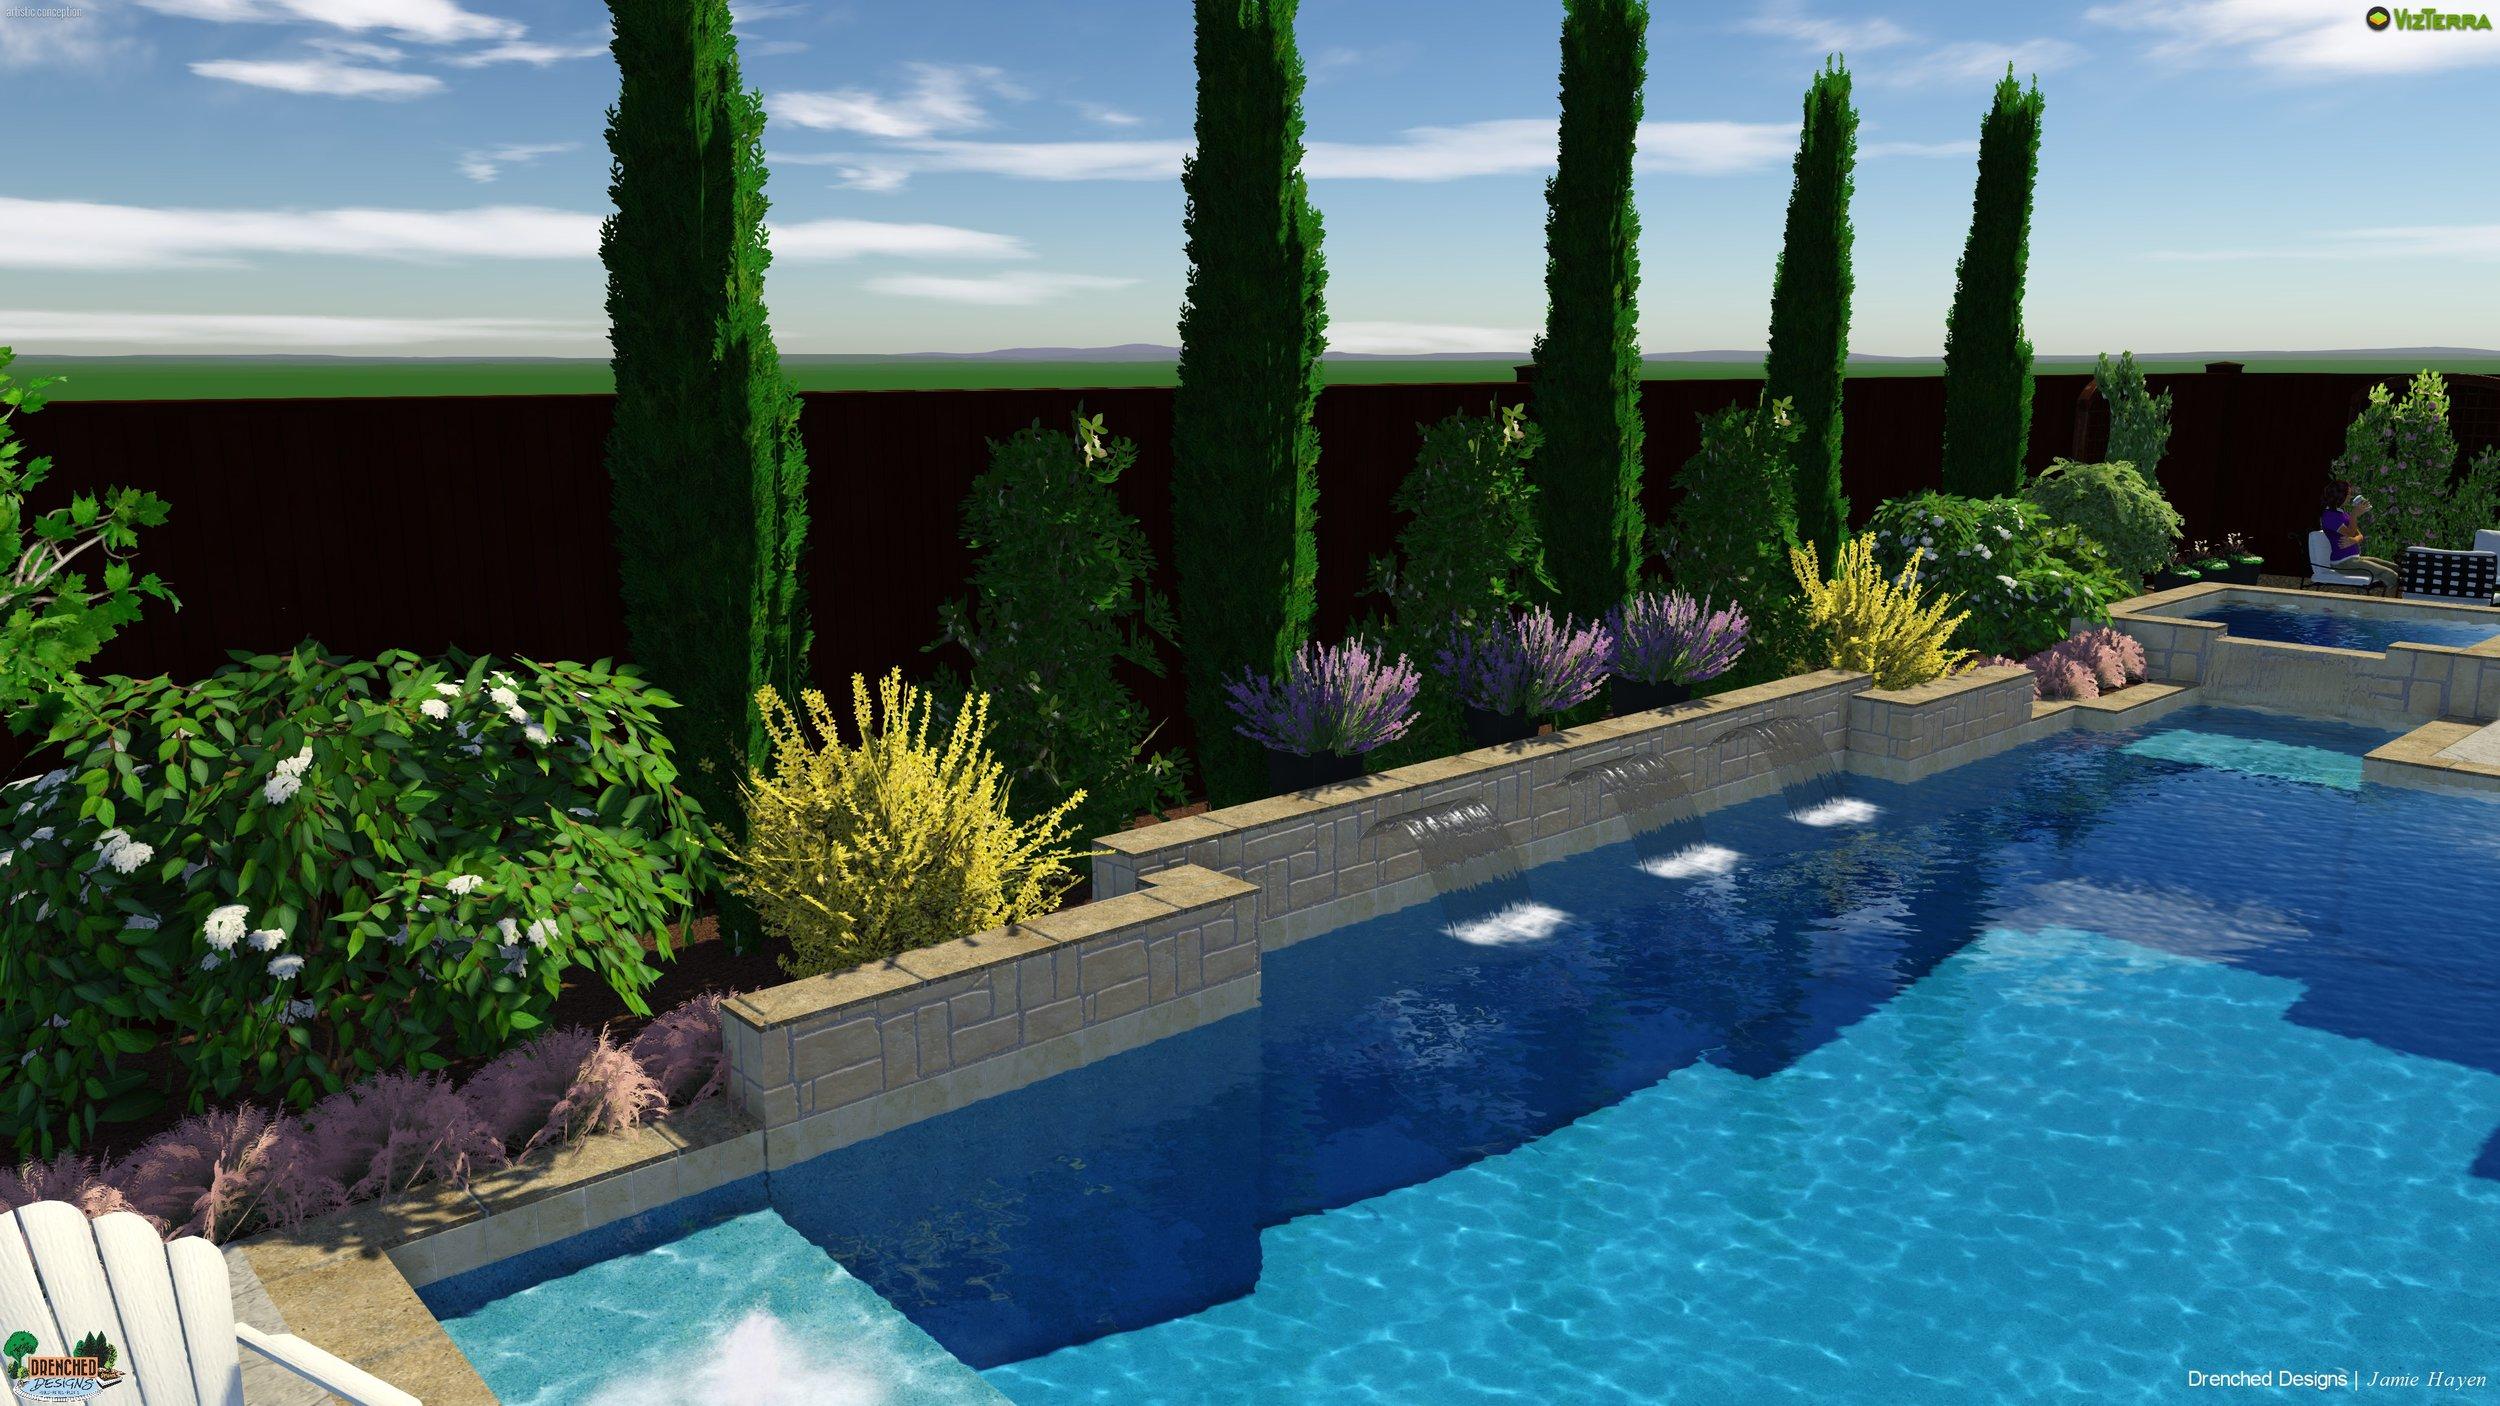 Pool_Symmetry.jpg